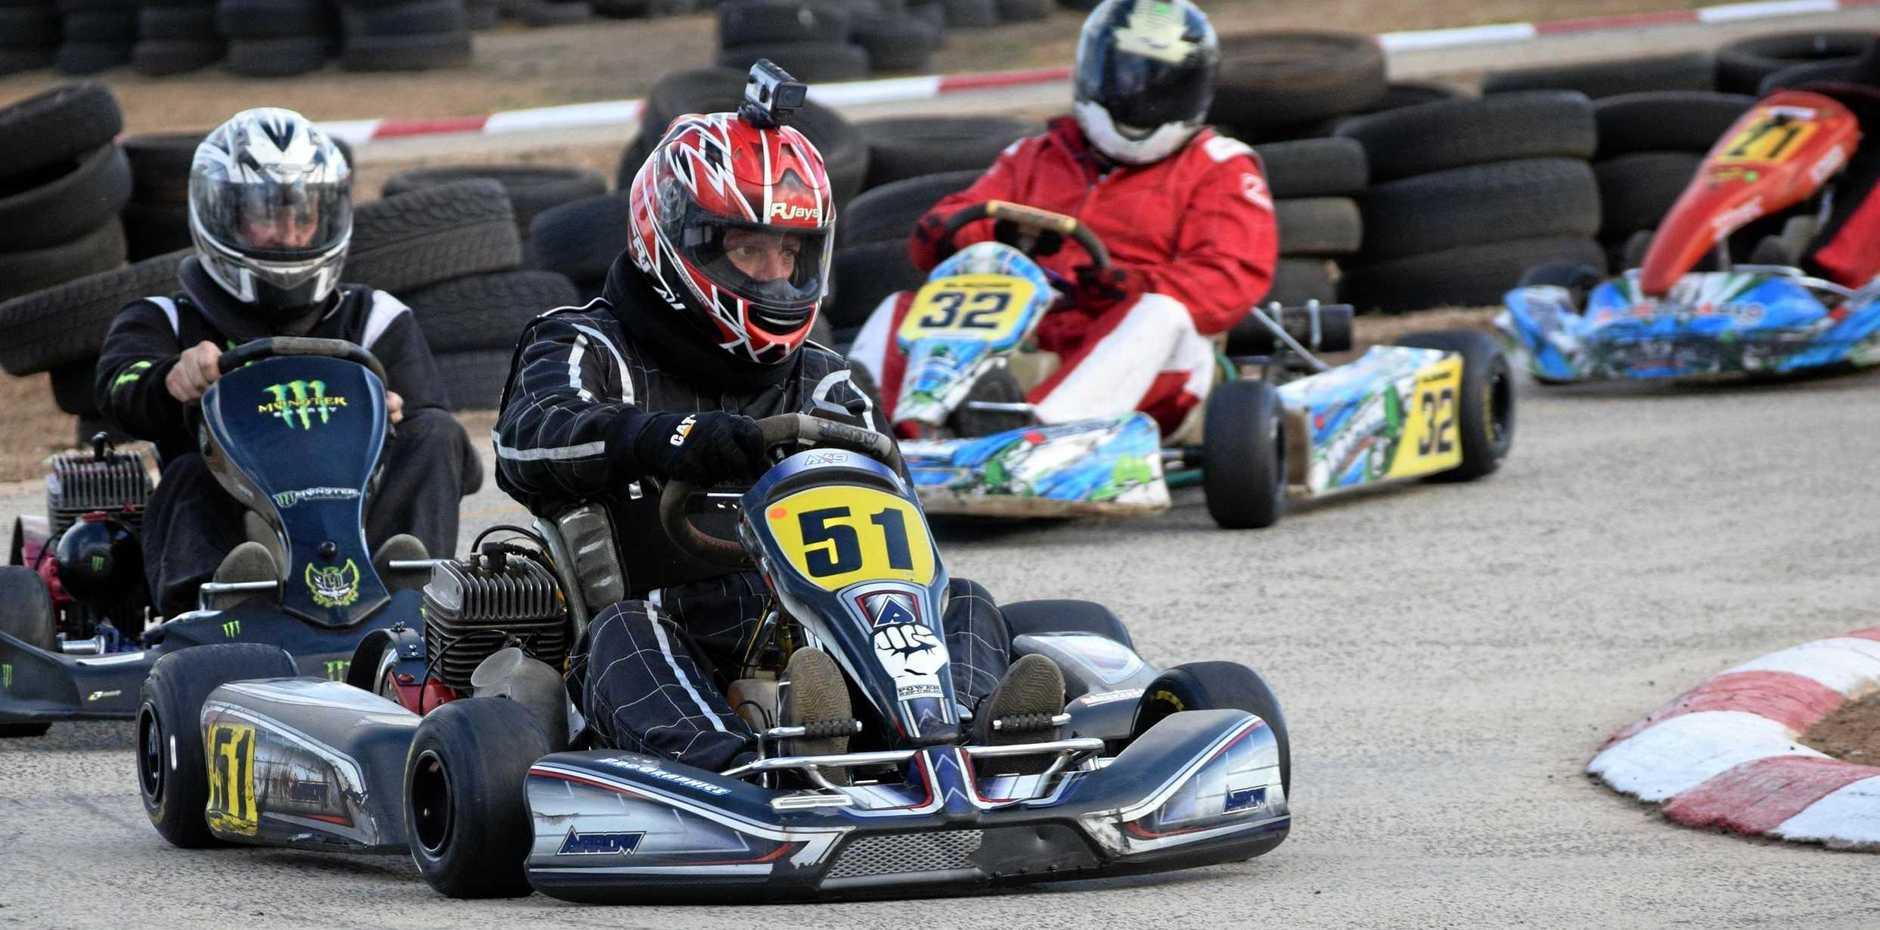 Open kart racing.